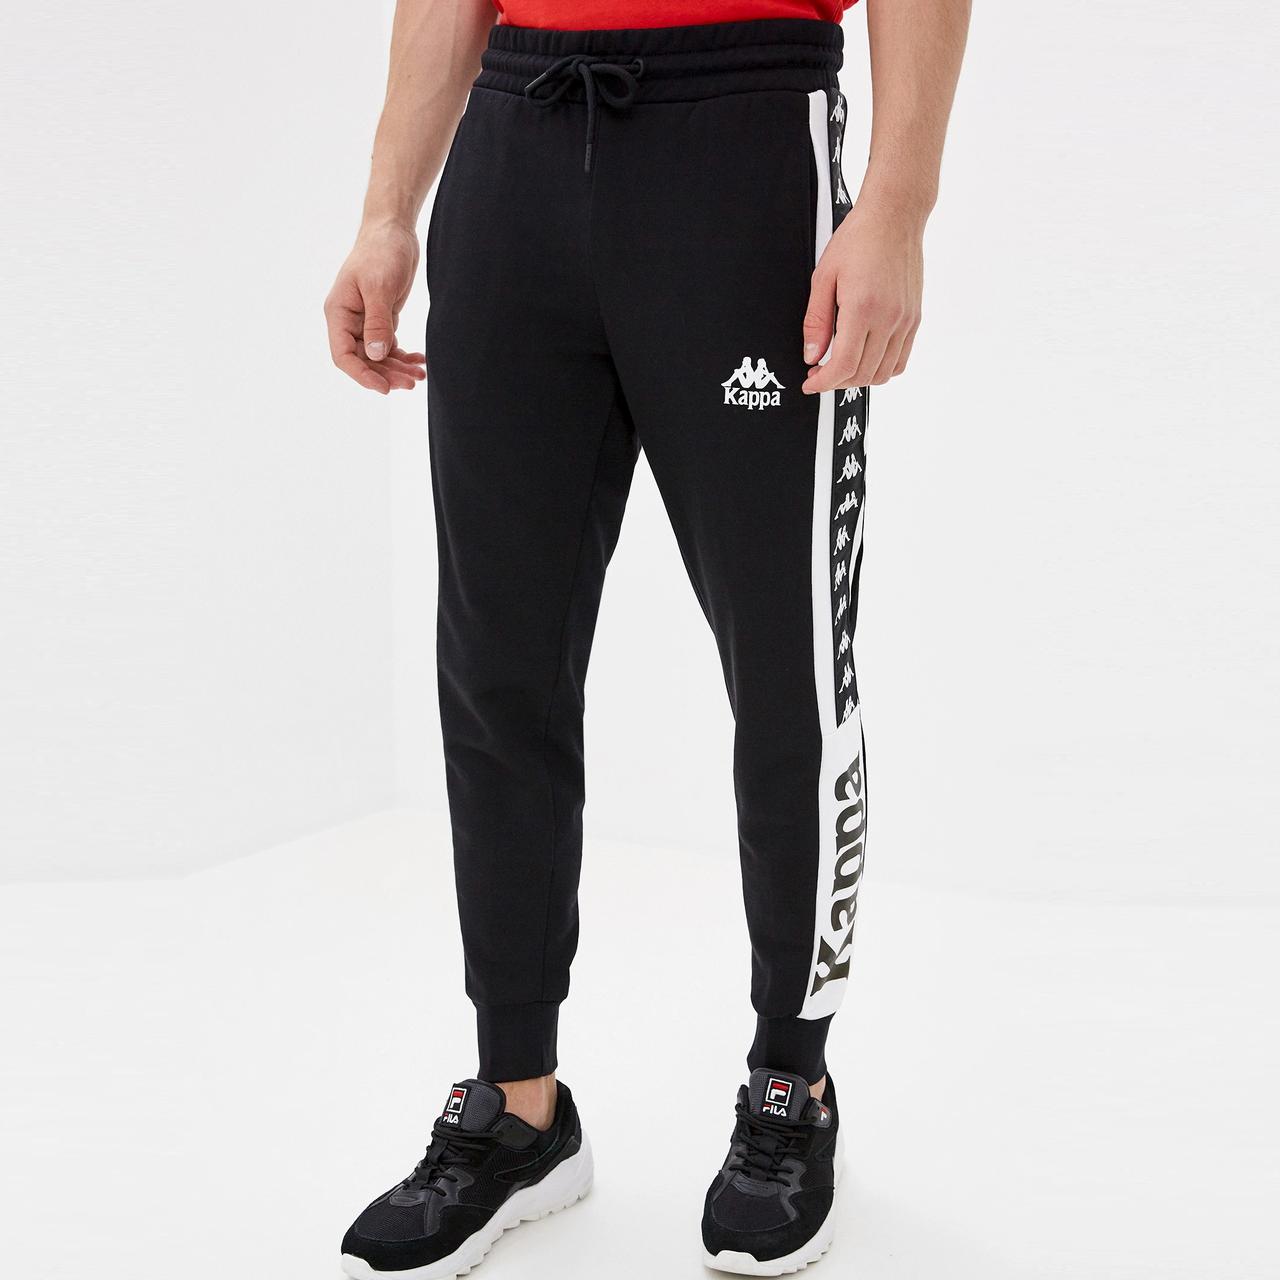 Мужские спортивные брюки Kappa